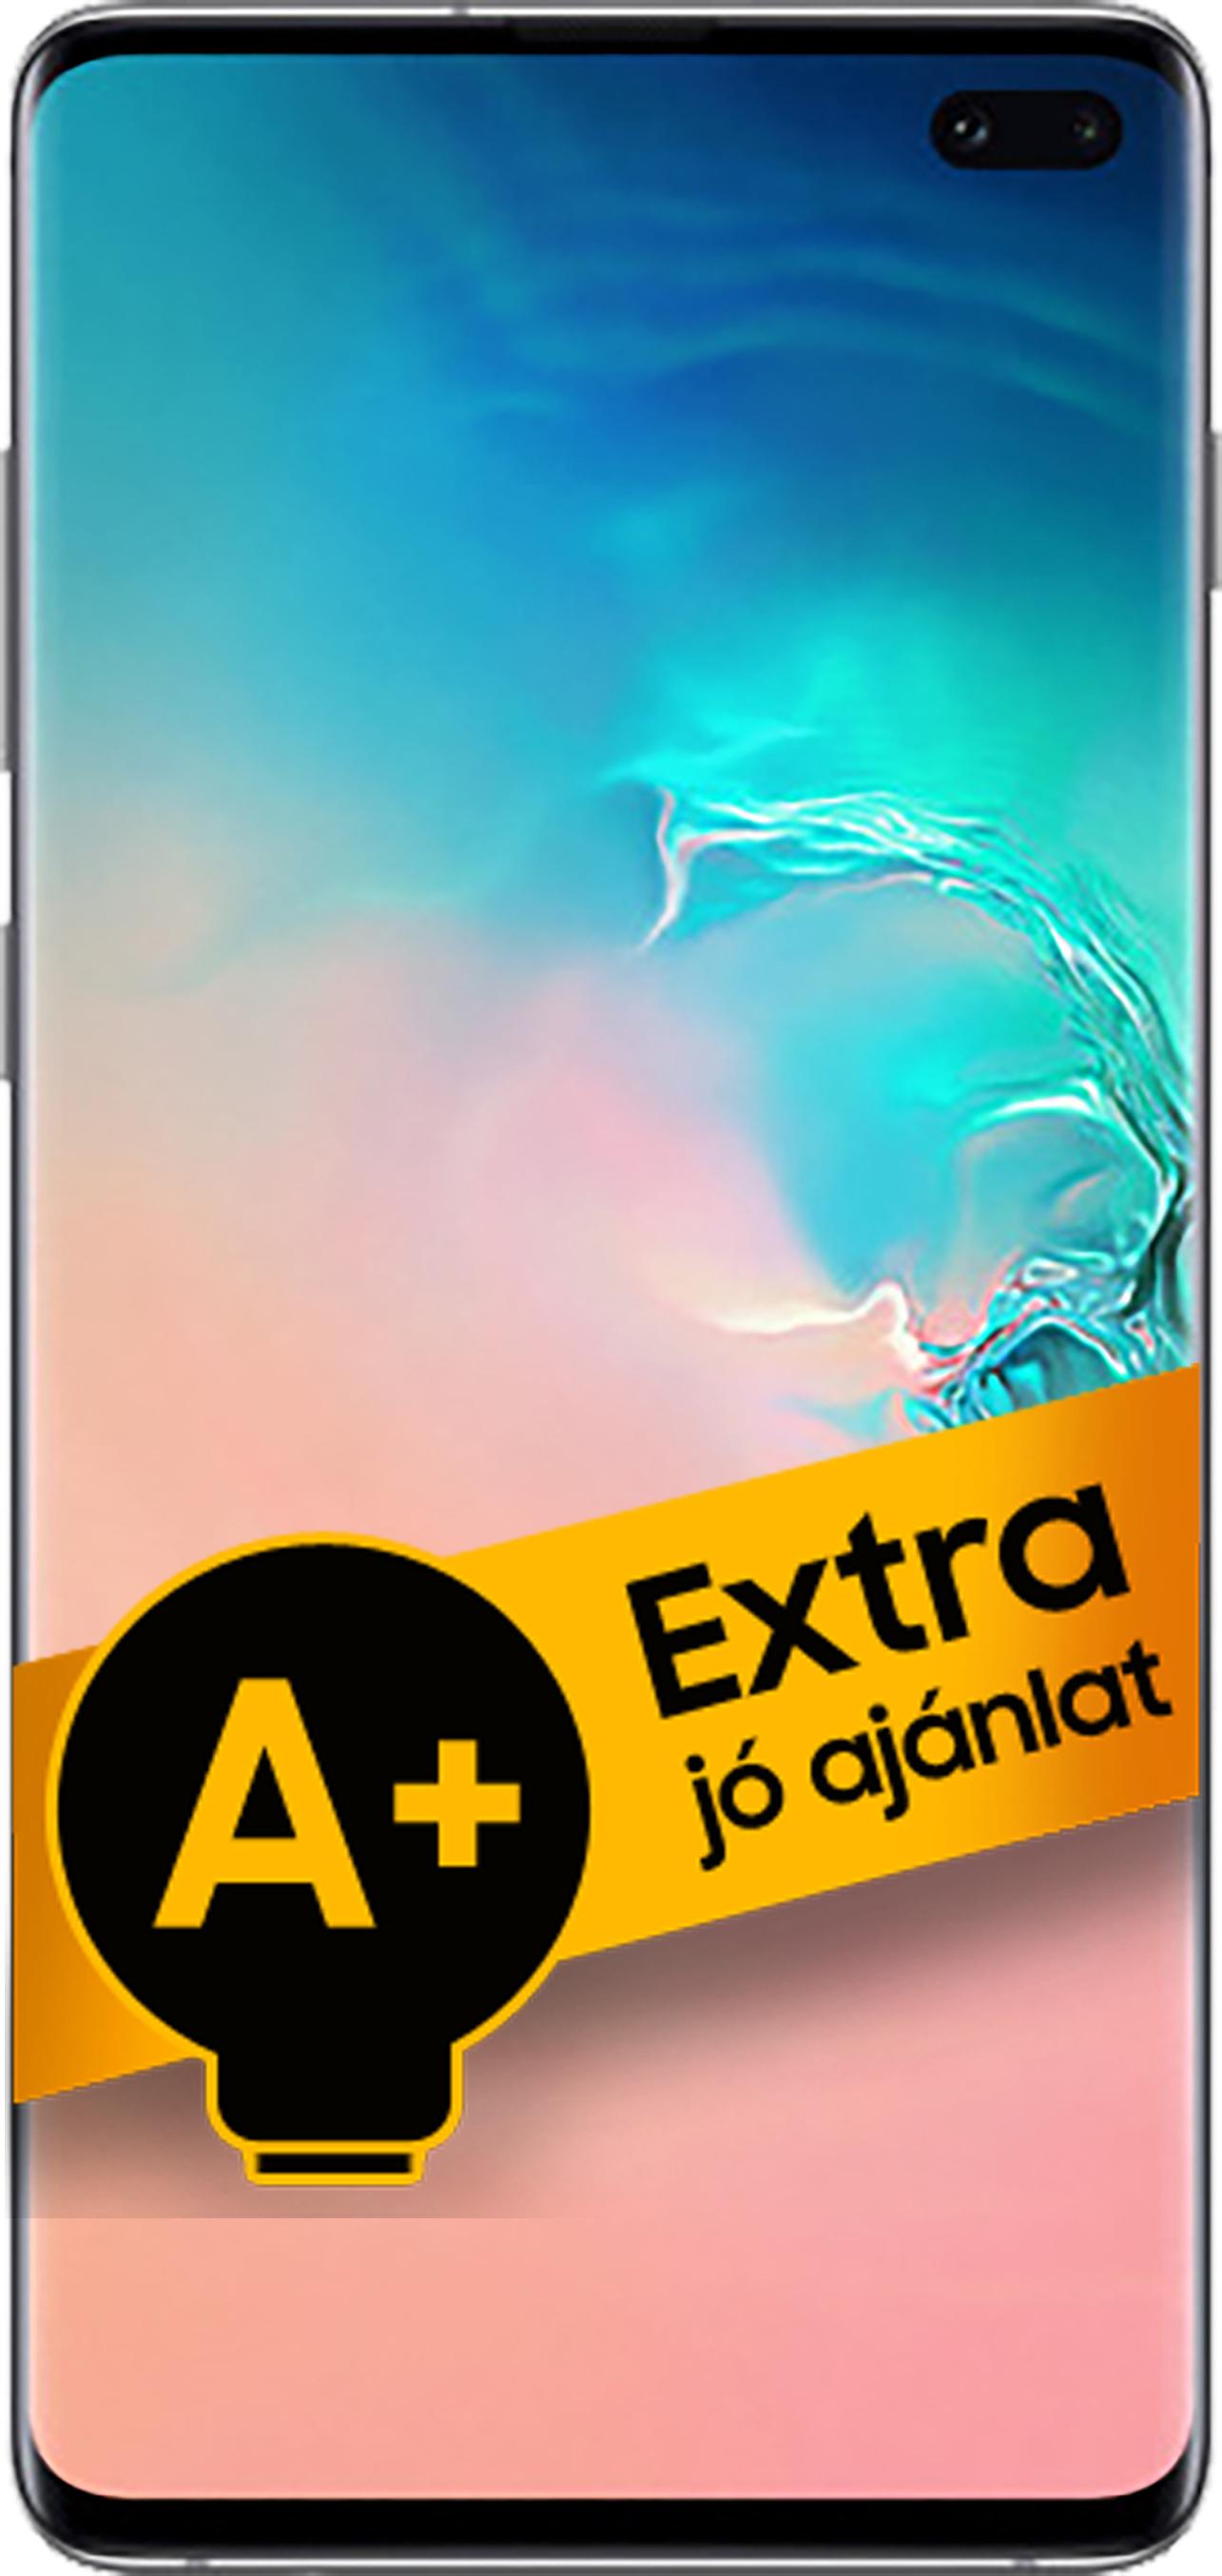 Samsung Galaxy S10+ DualSIM 128GB (Prizma Fehér) 8GB RAM - 1 év gyártói jótállás